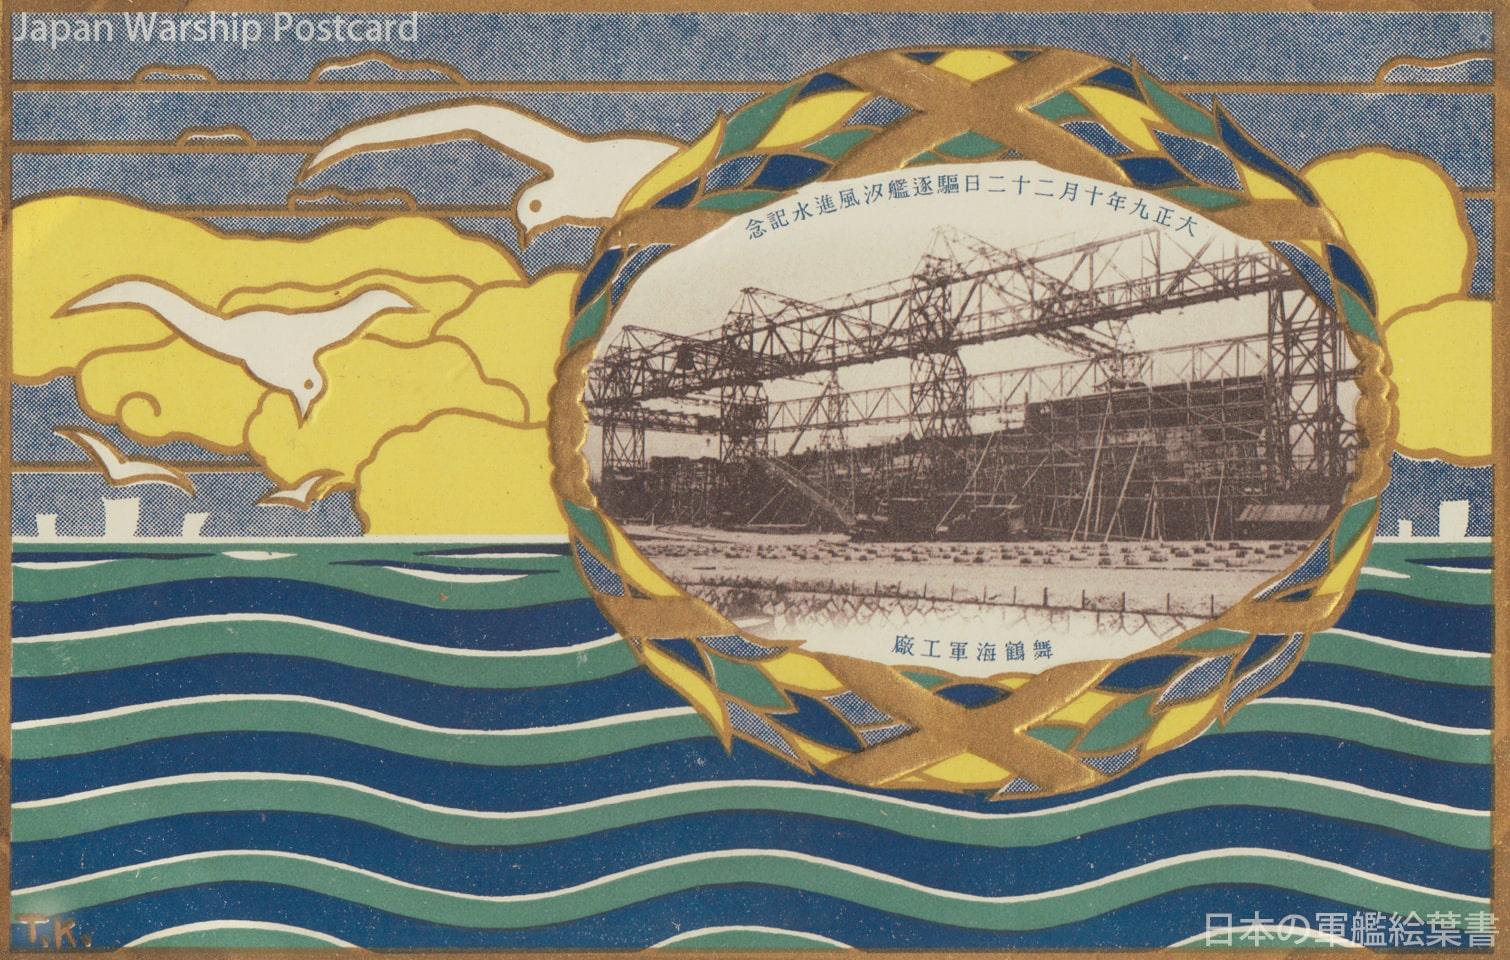 峯風型駆逐艦「汐風」